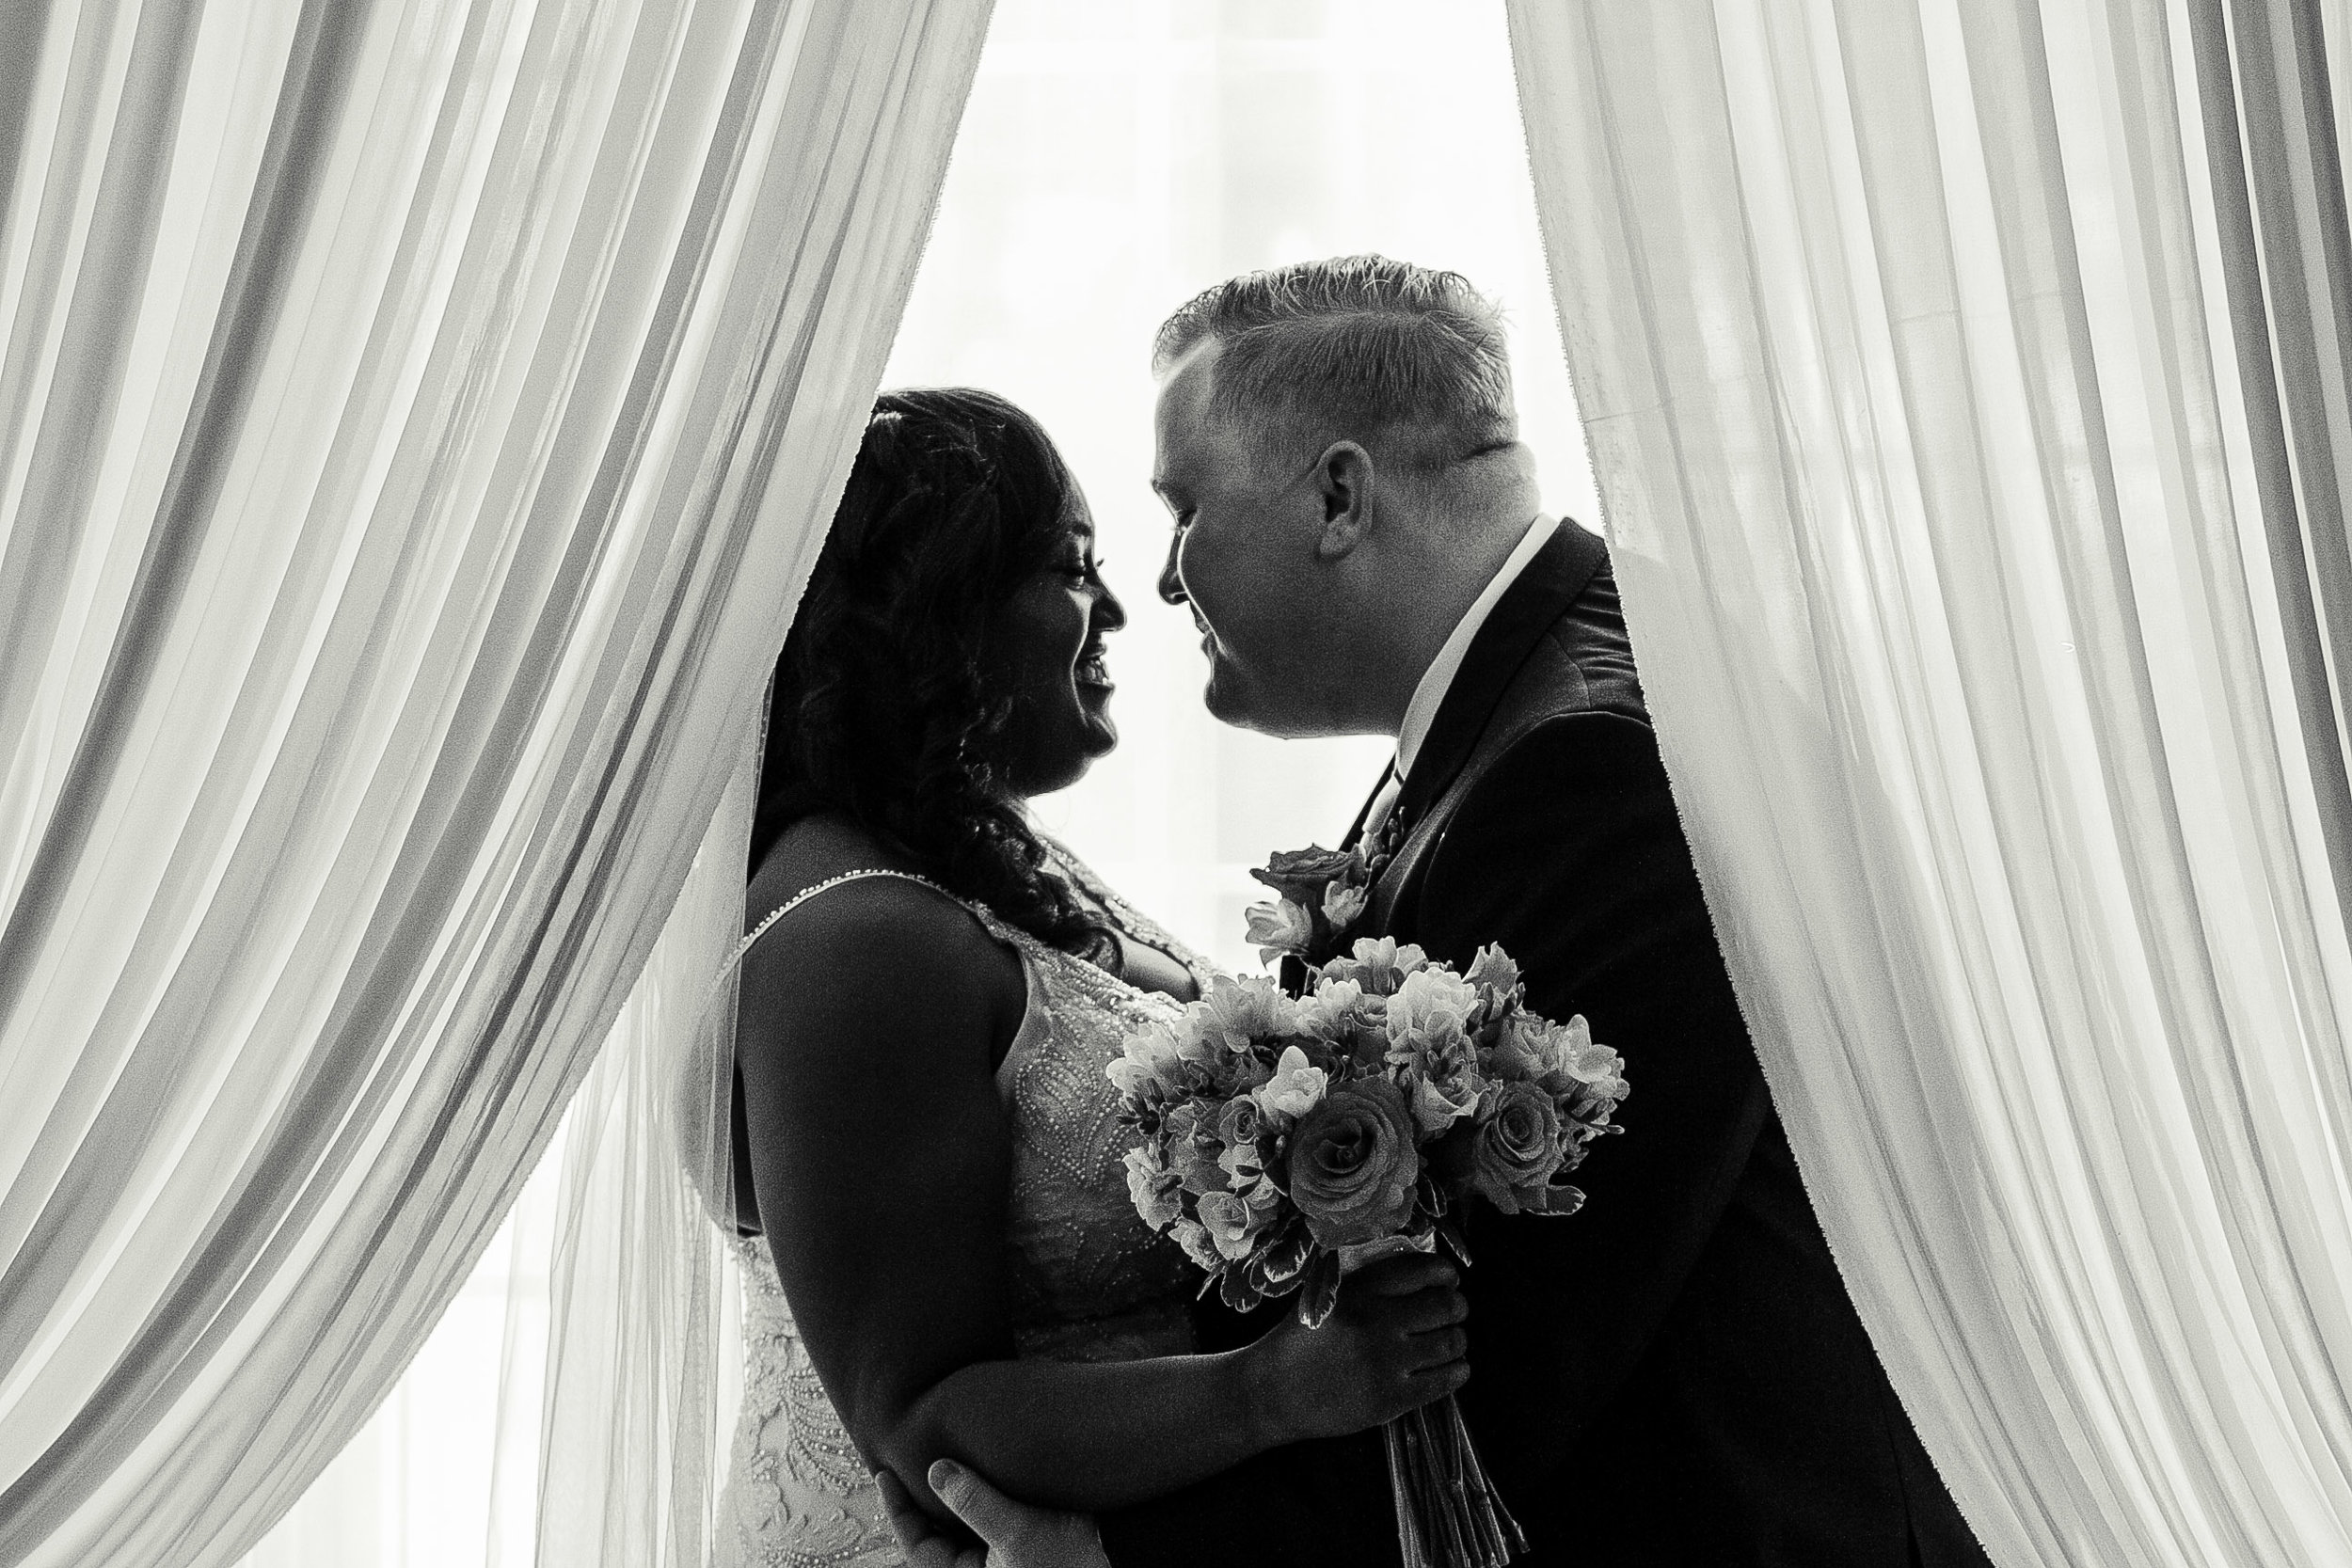 bride and groom hugging behind curtains